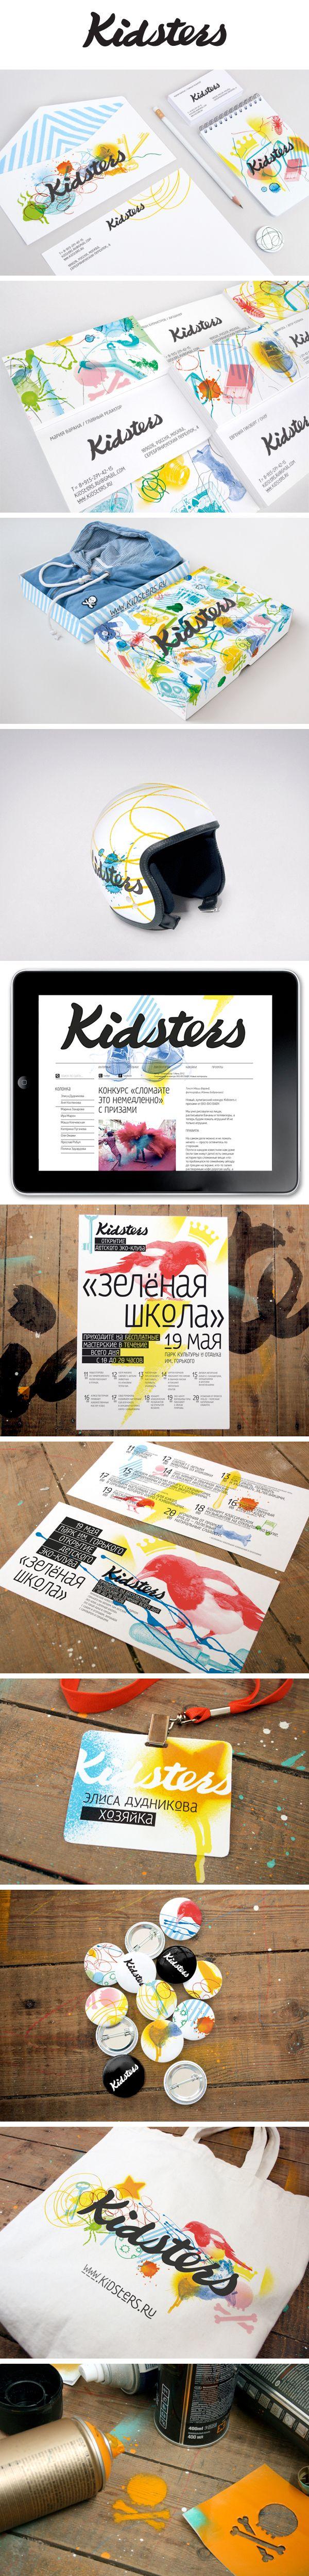 Kidsters, Identity © ИванБурмистров